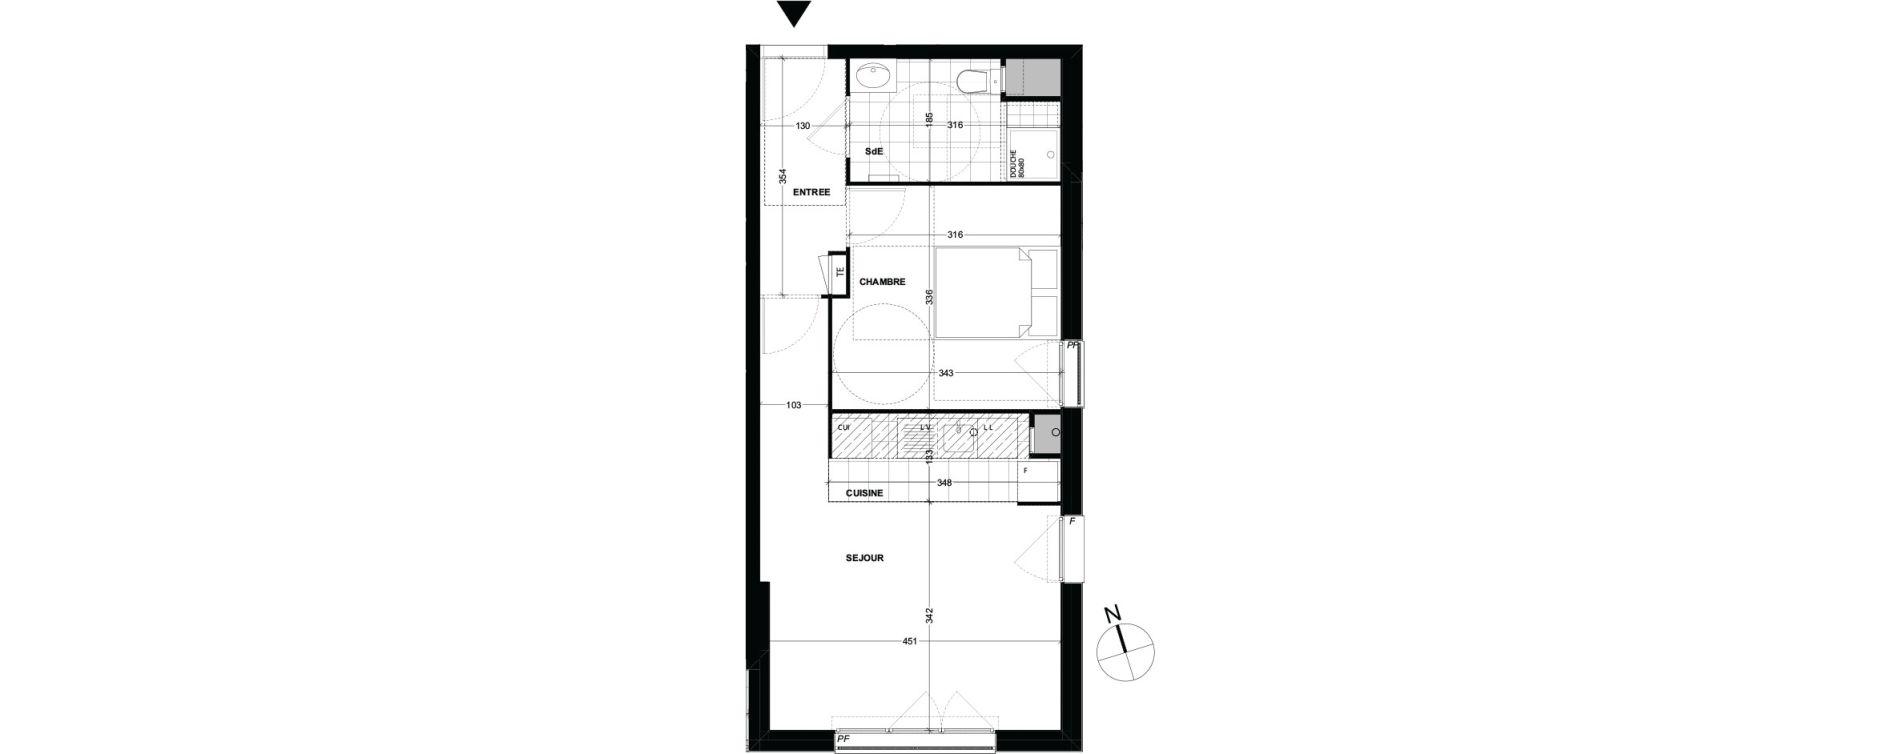 Appartement T2 de 43,30 m2 à Longjumeau Centre